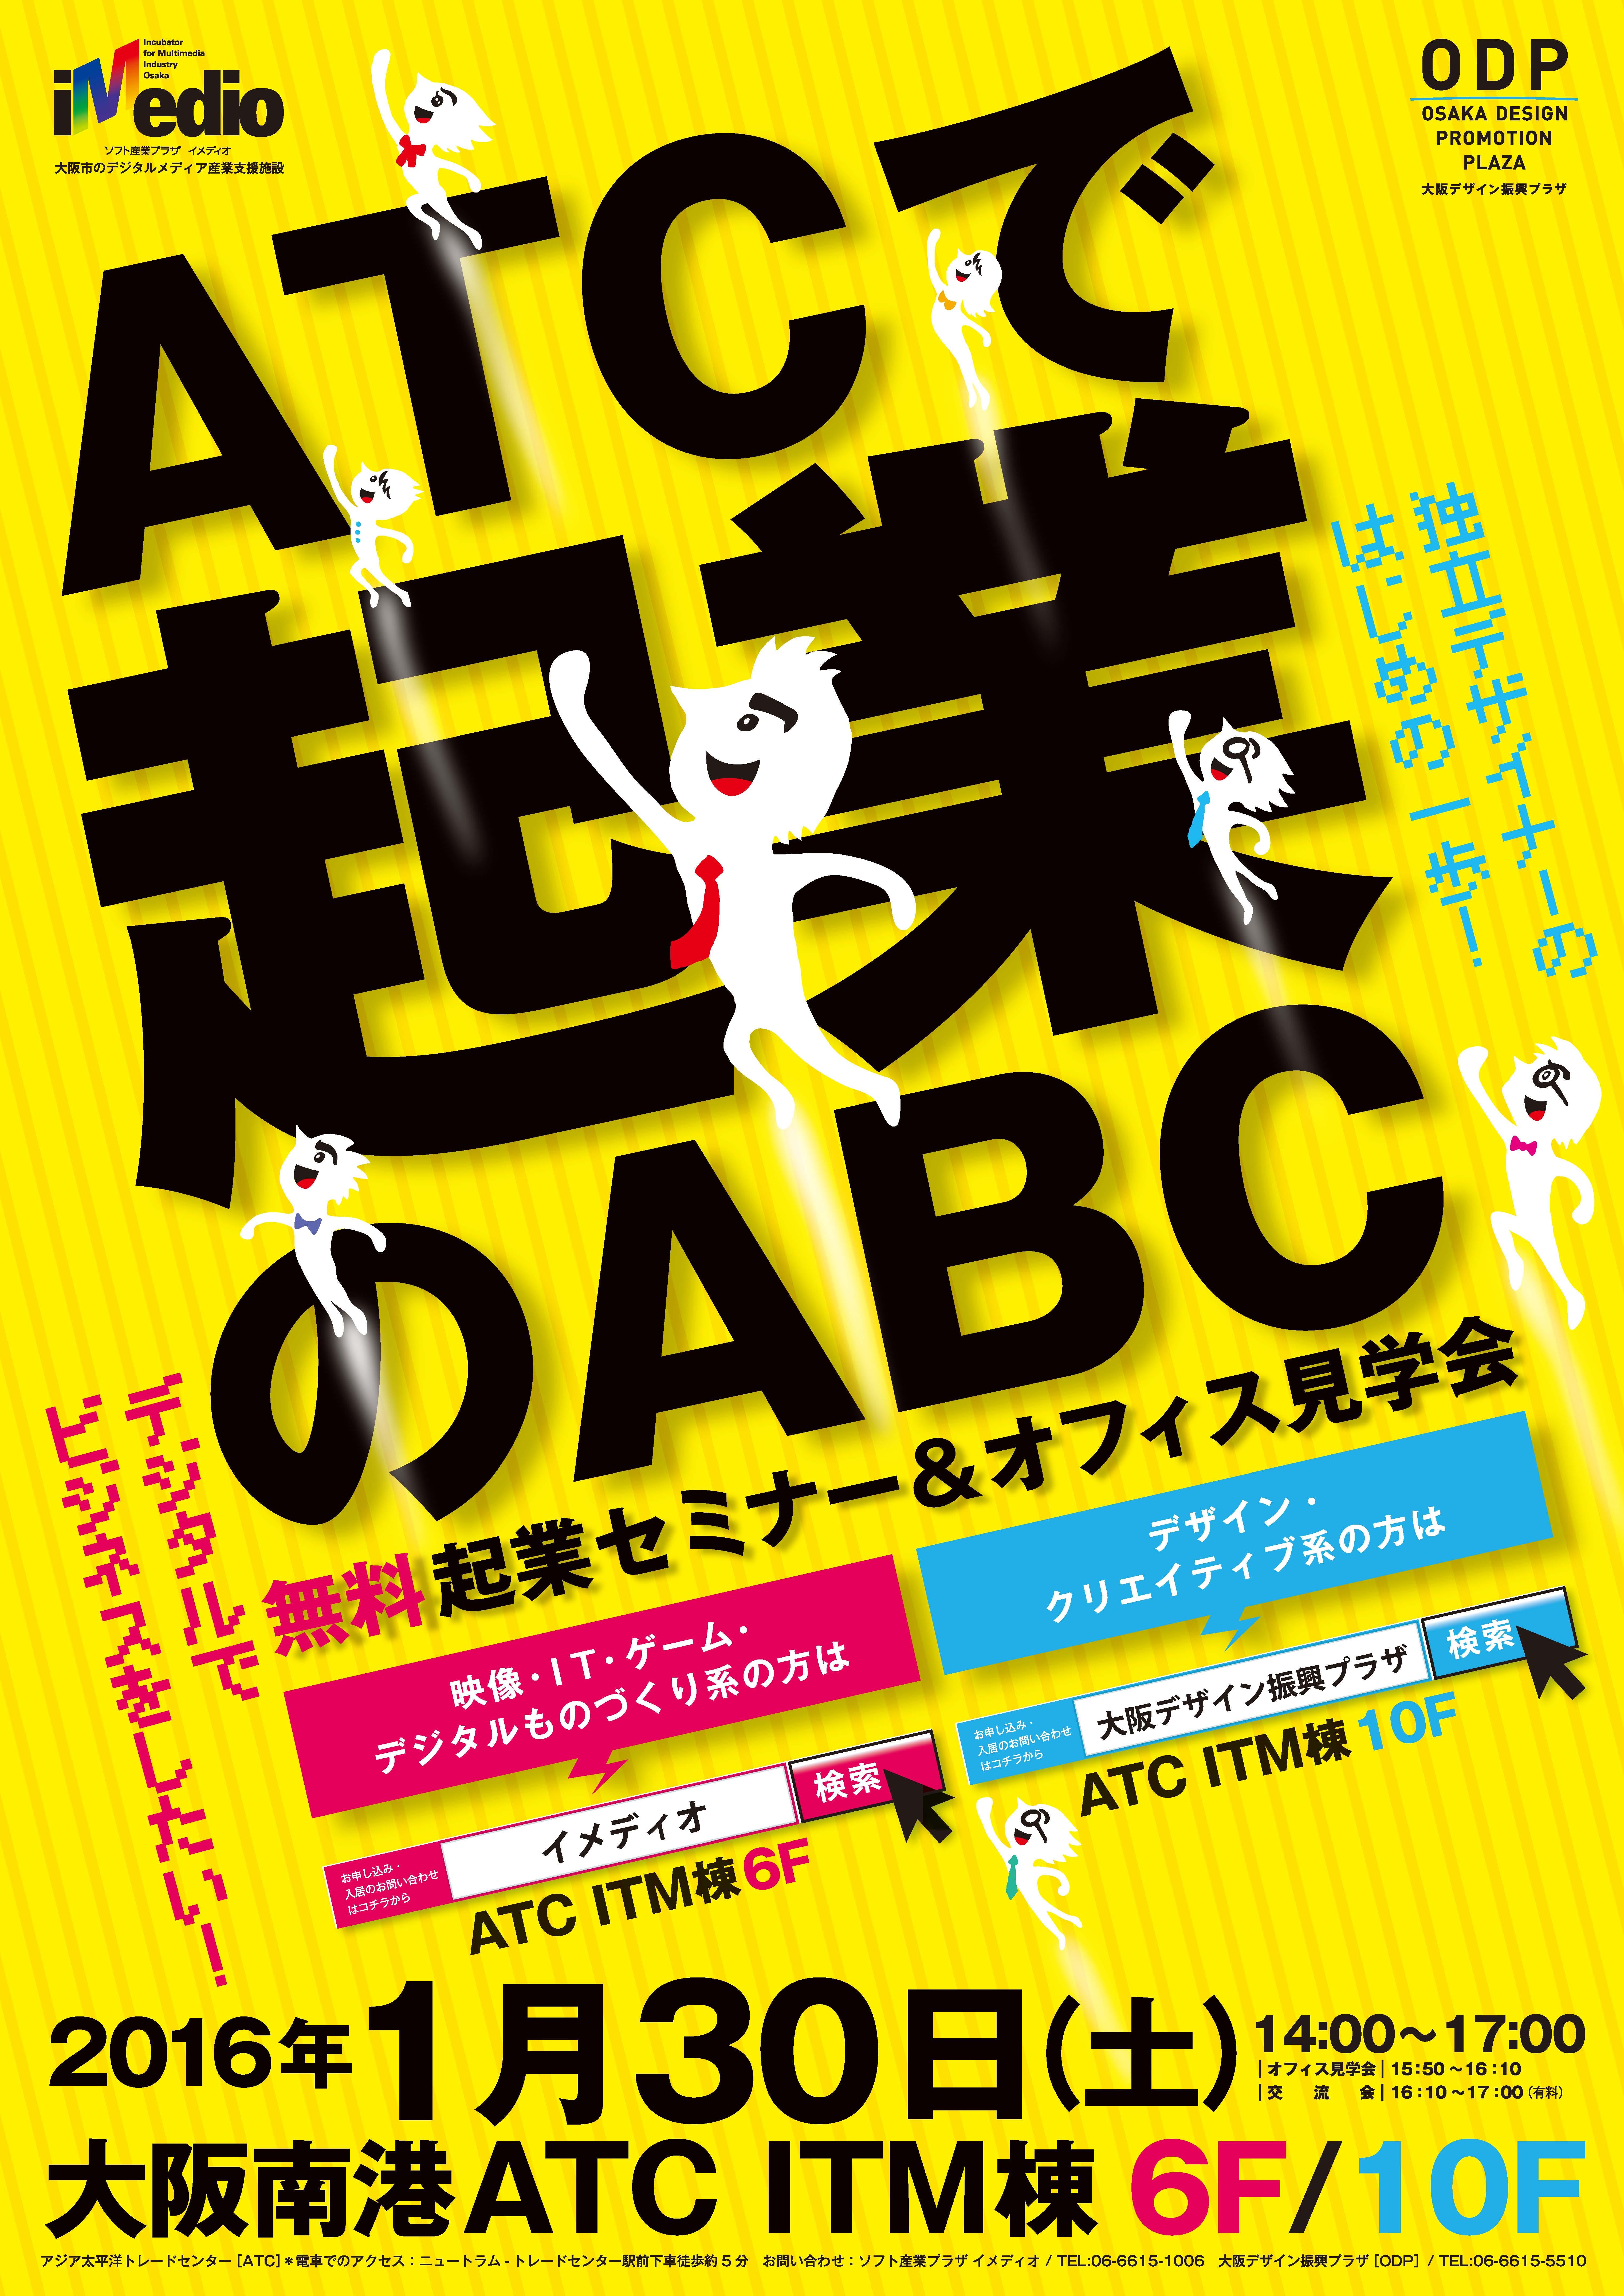 ATCで起業のABC